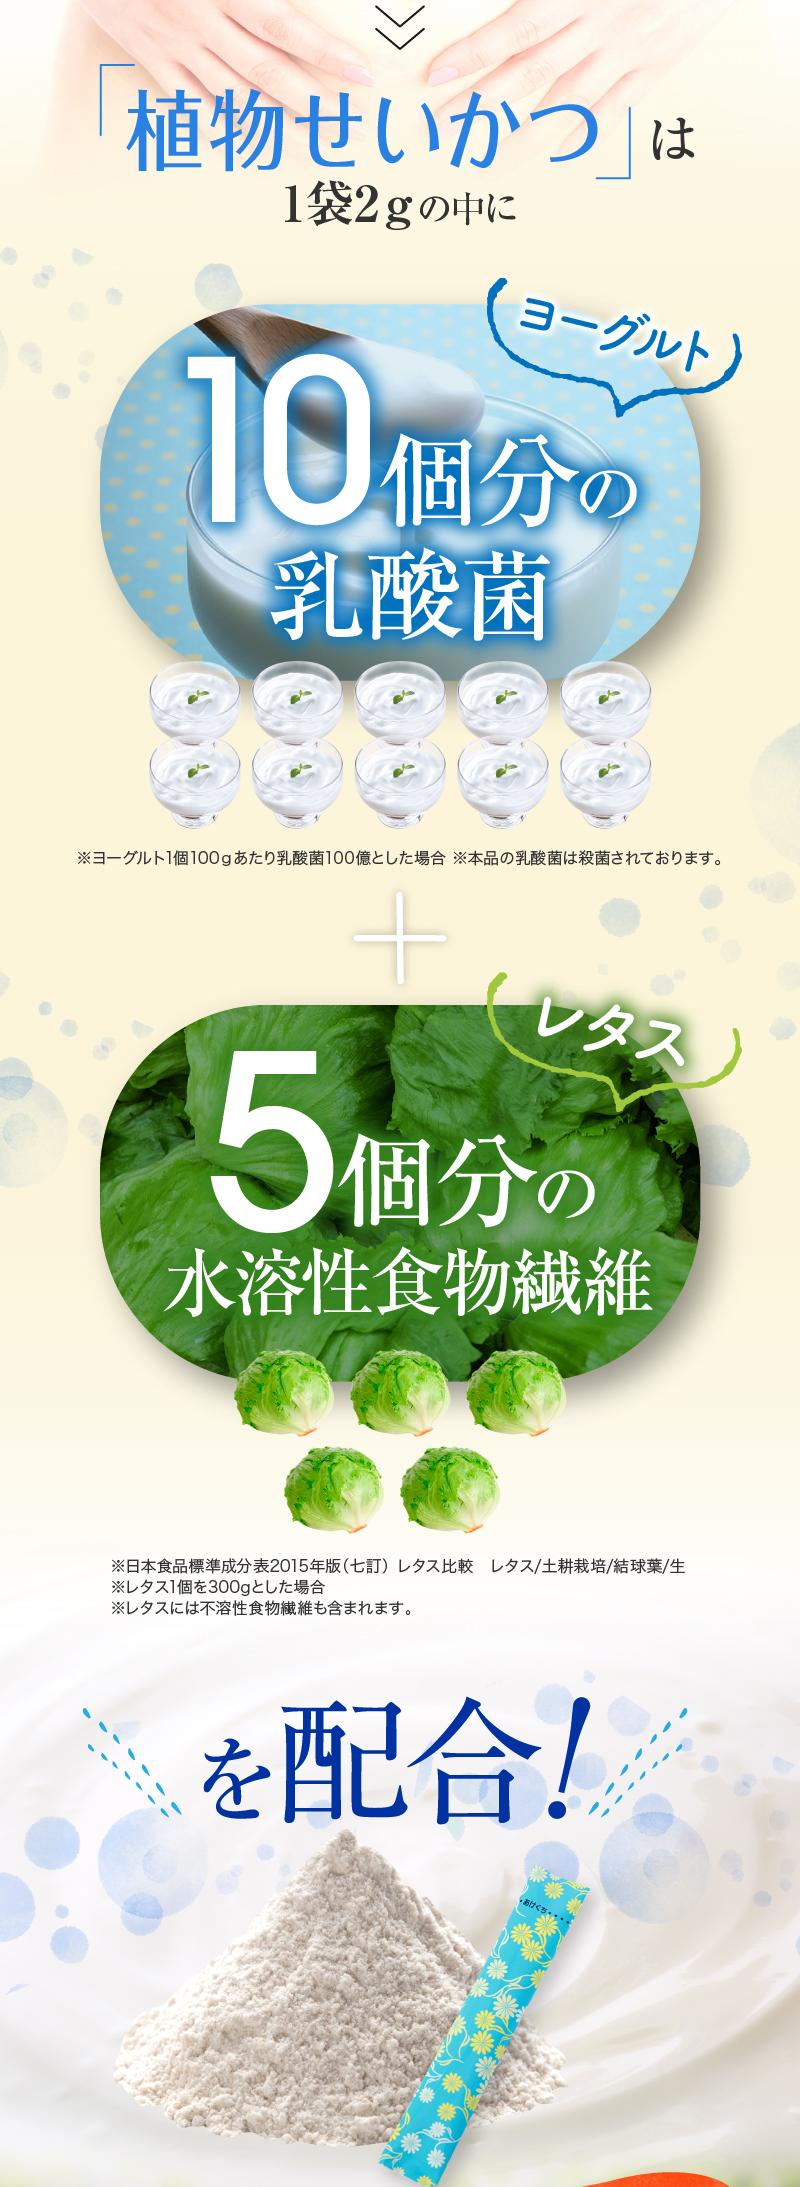 植物生活は1袋2gの中にヨーグルト10億個分の乳酸菌・レタス5個分の水溶性食物繊維を配合!